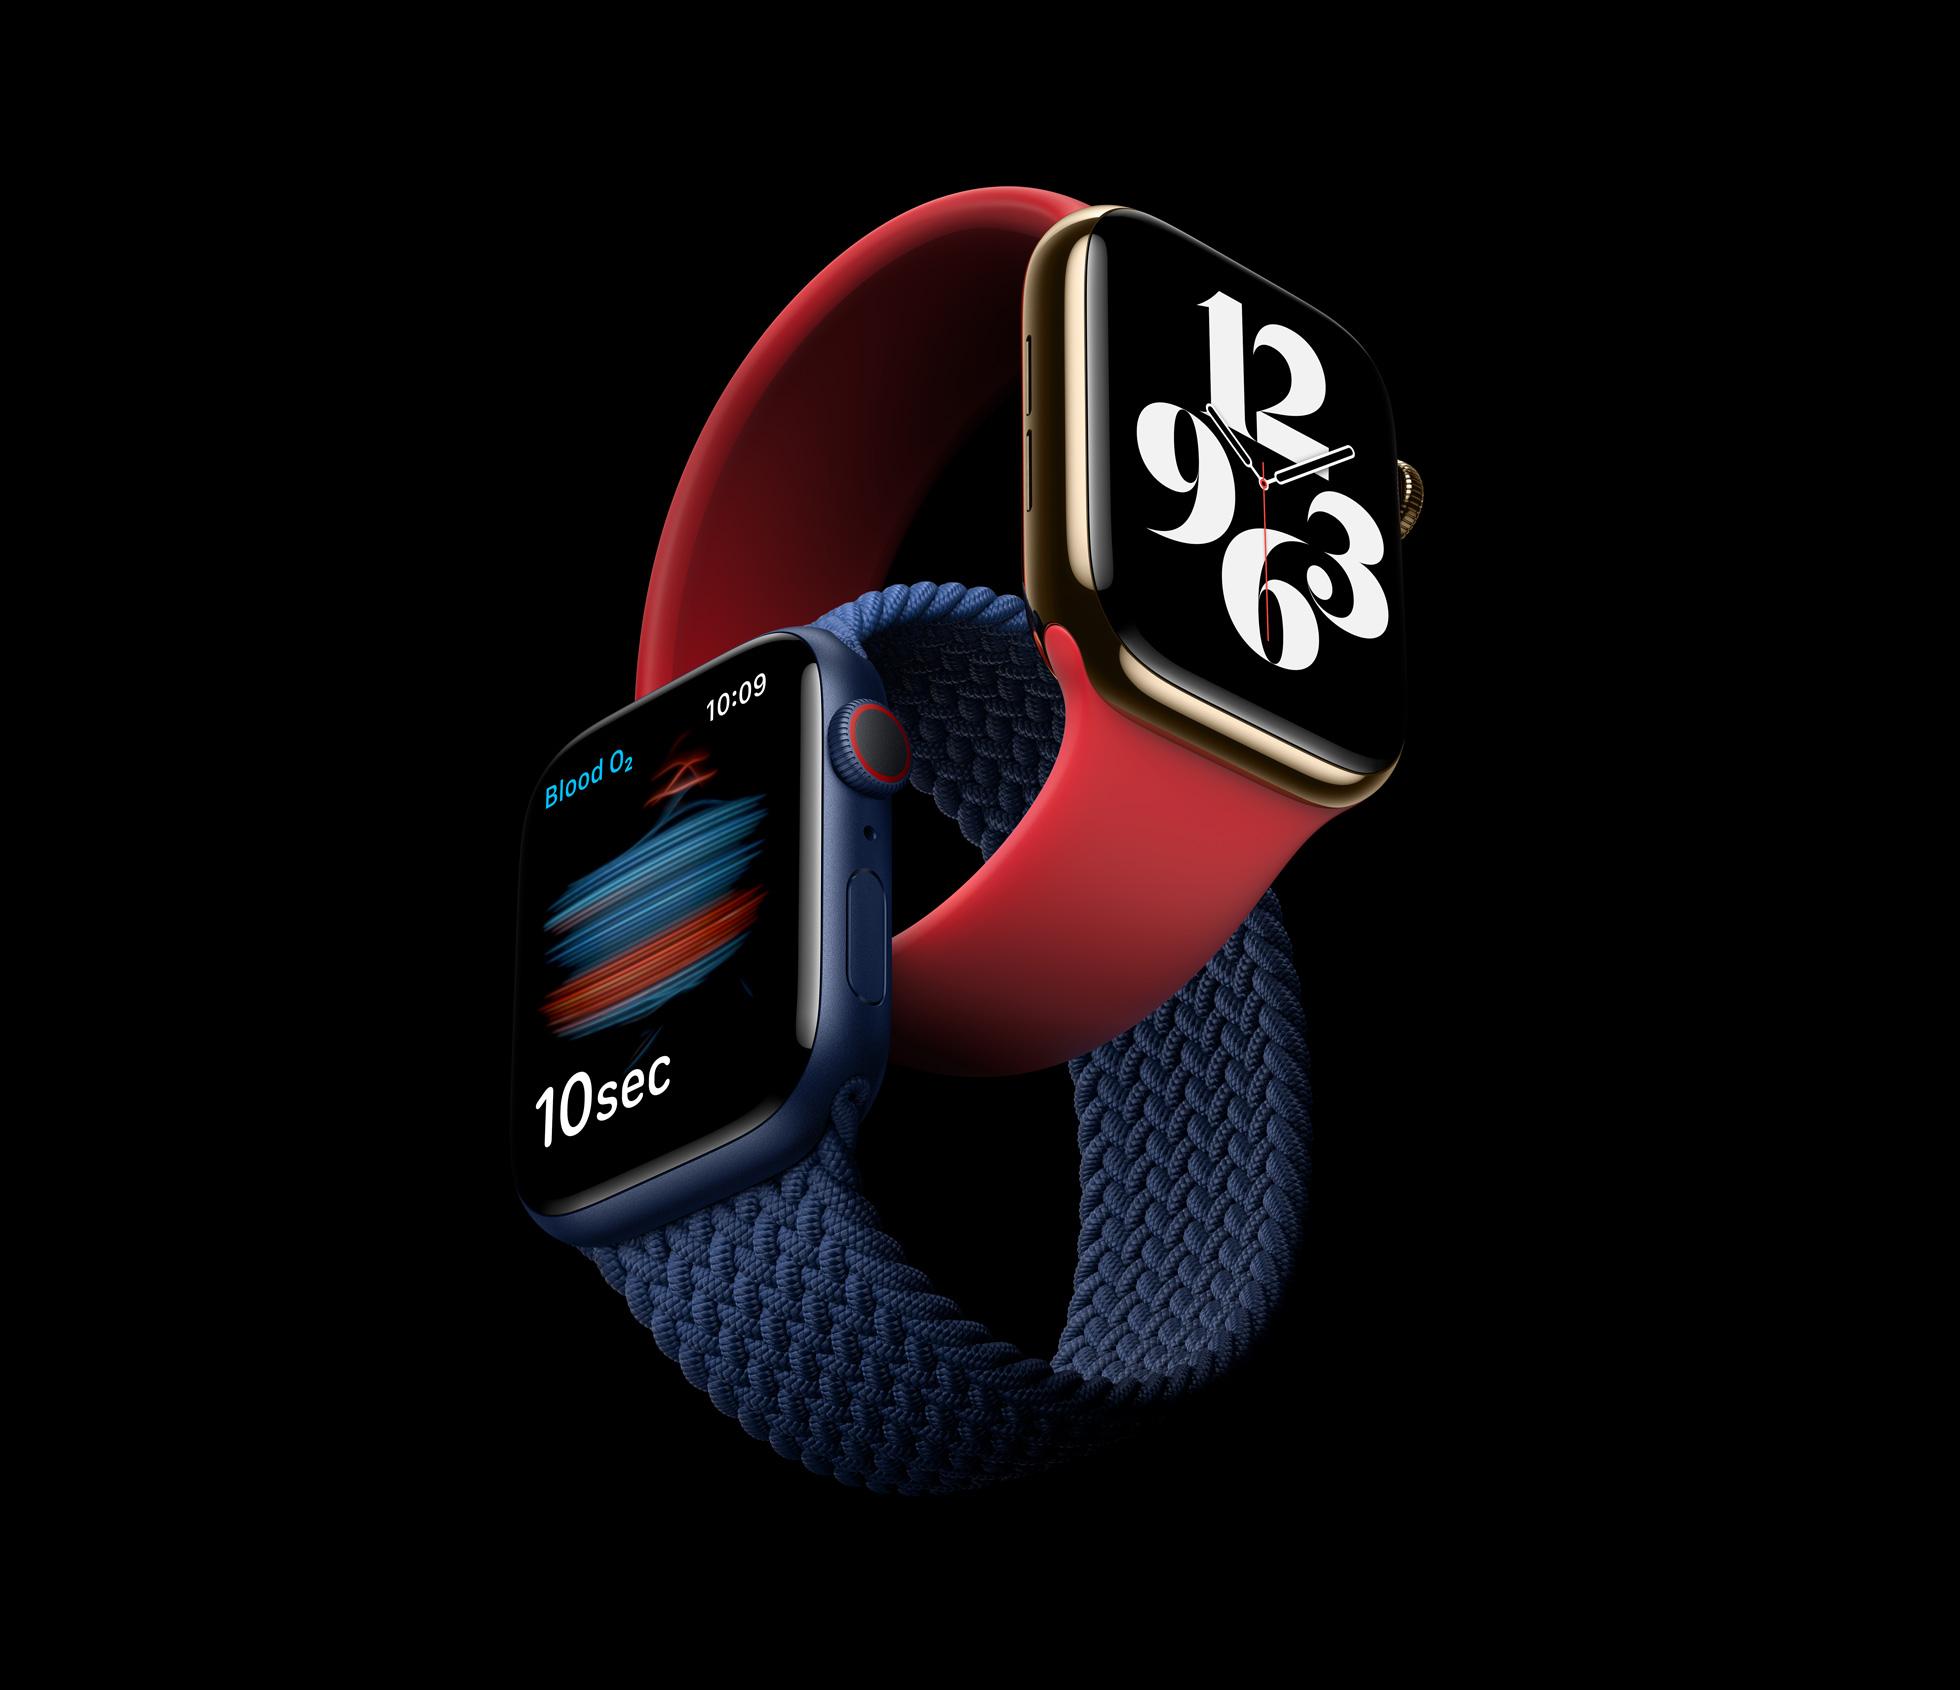 Apple представила смарт-часы Watch Series 6: с датчиком измерения уровня кислорода в крови, но без адаптера в комплекте